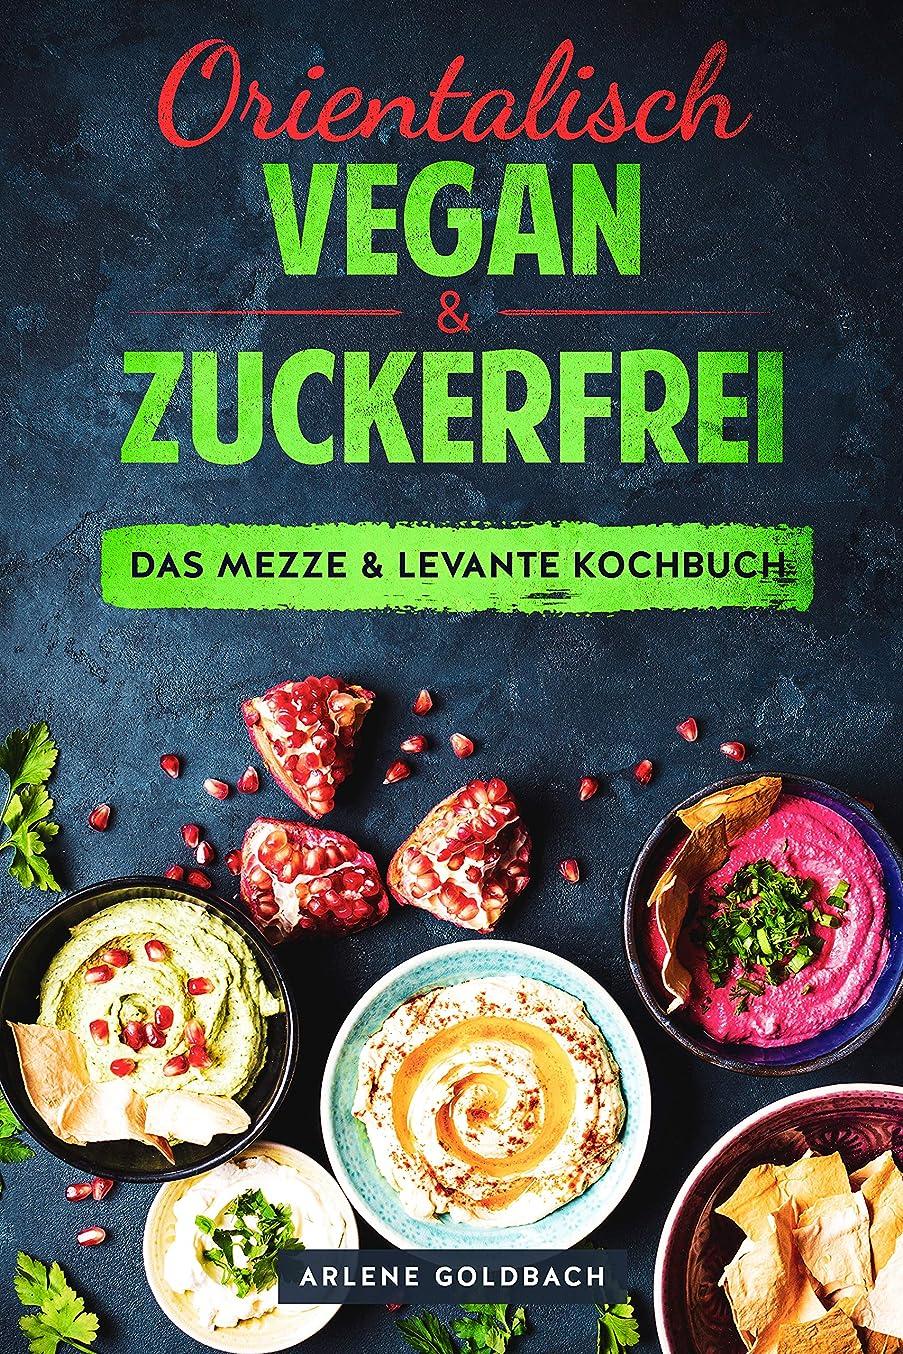 Orientalisch vegan & zuckerfrei  Das Mezze & Levante Kochbuch: Nahostküche aus ?gypten Israel Pal?stina Jordanien Libanon Syrien Türkei (German Edition)